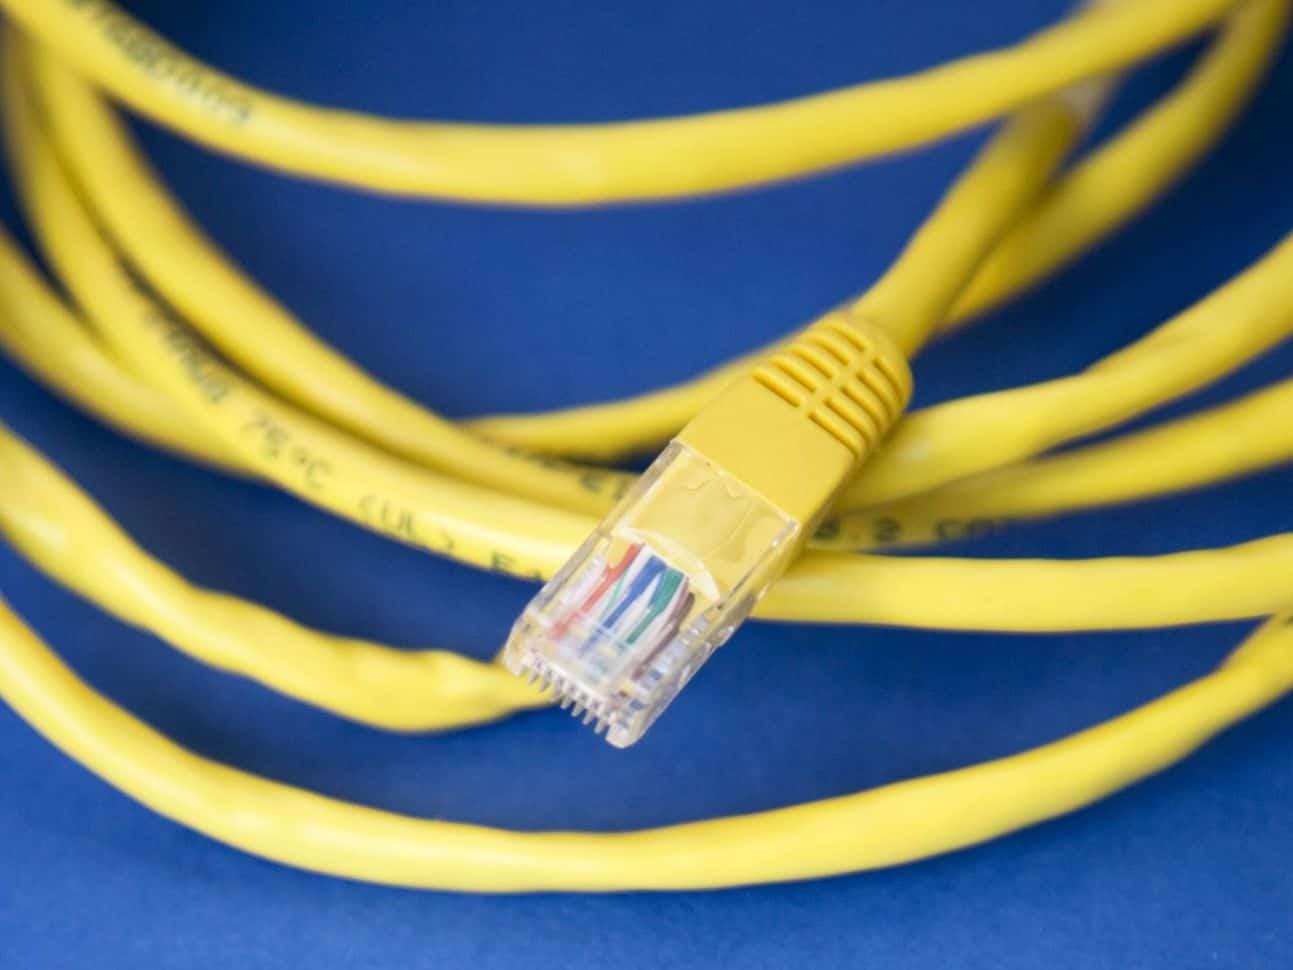 نظام مشترك بين إيثرنت والشبكة اللاسلكية سيحل مشاكل الواي فاي